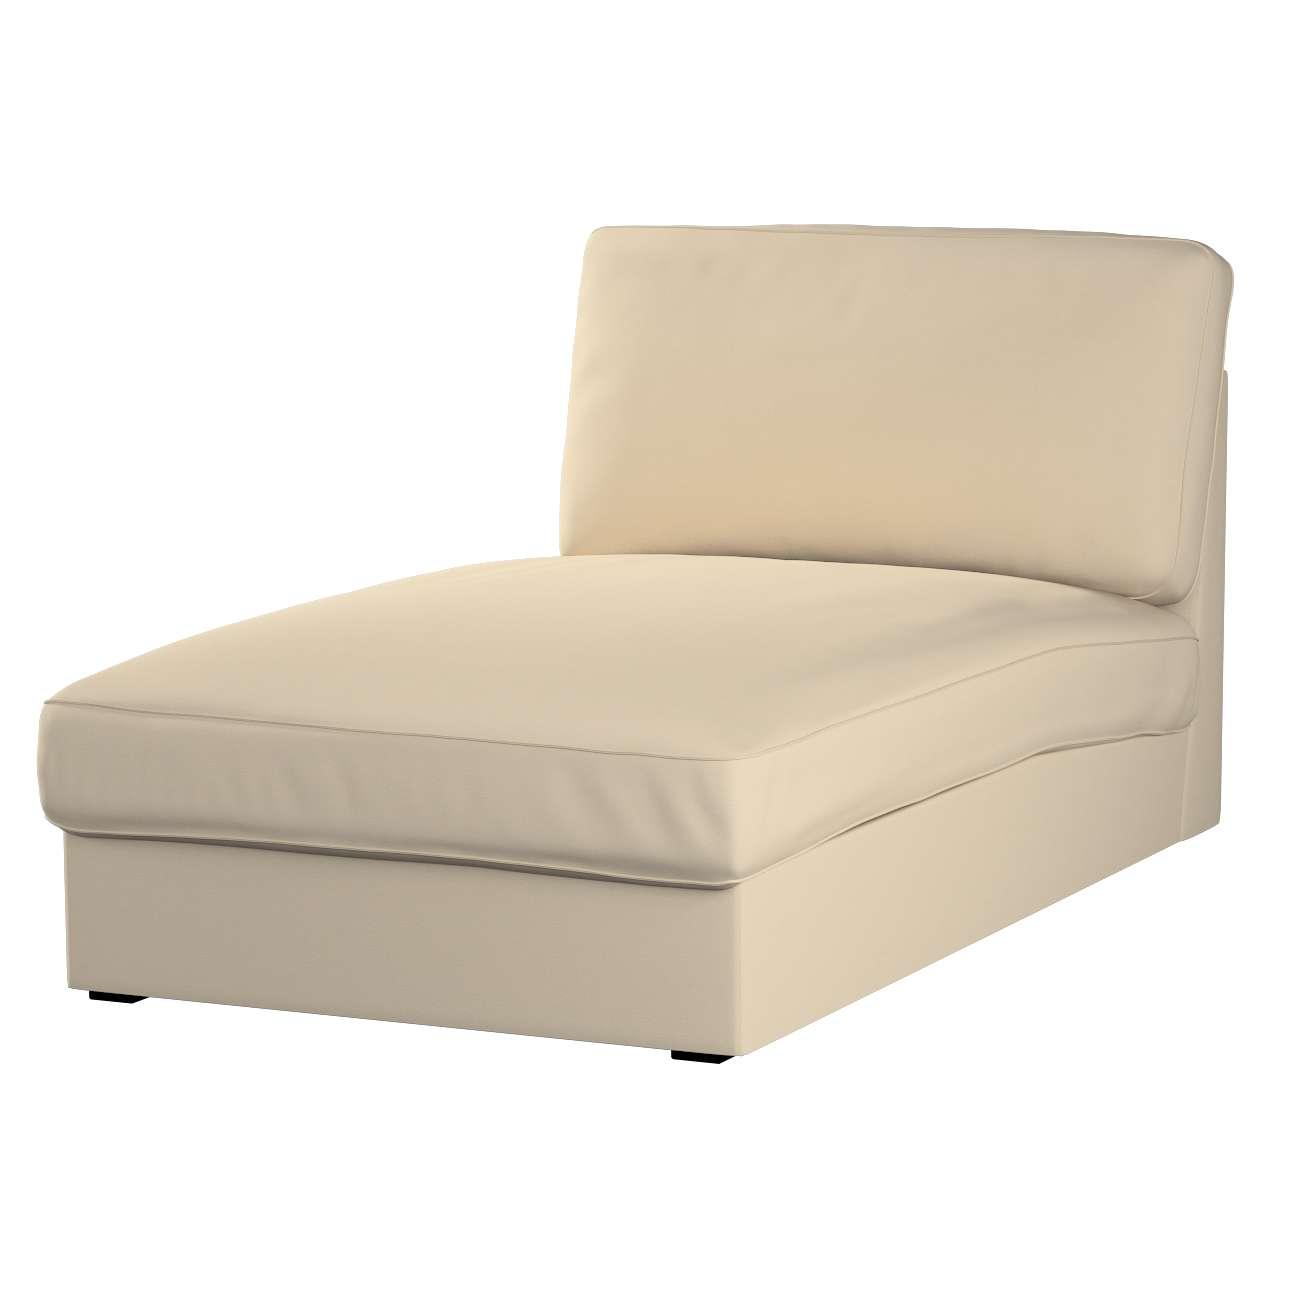 KIVIK gulimojo krėslo užvalkalas Kivik chaise longue kolekcijoje Cotton Panama, audinys: 702-01